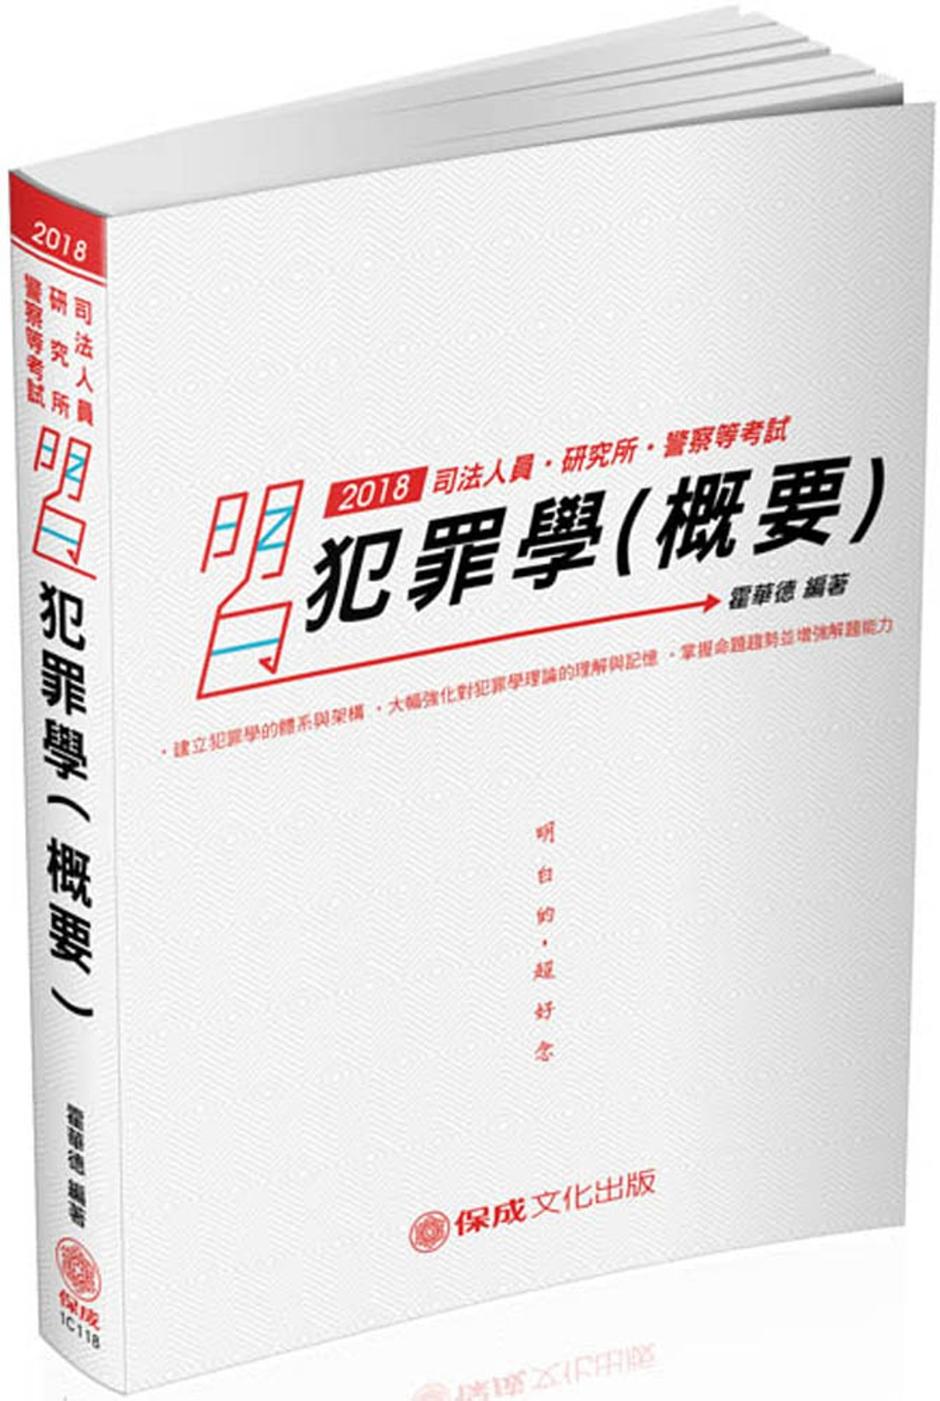 明白 犯罪學(概要):2018司法人員.研究所.警察等考試<保成>(十一版)